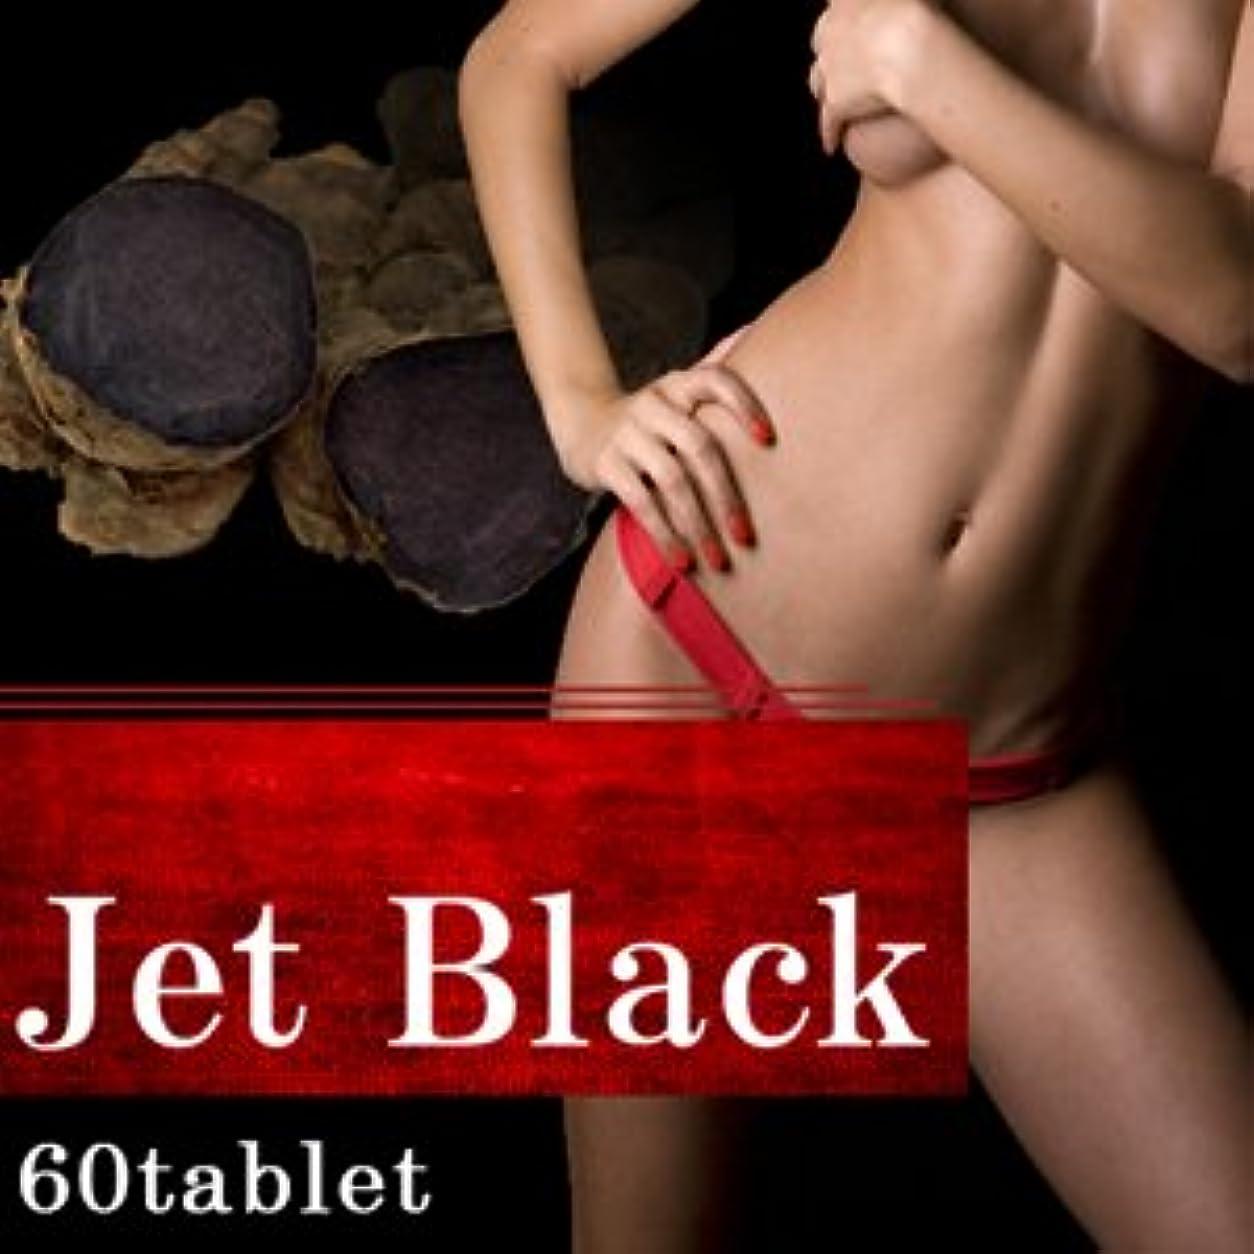 フルーツもっと評判Jet Black(ジェットブラック)